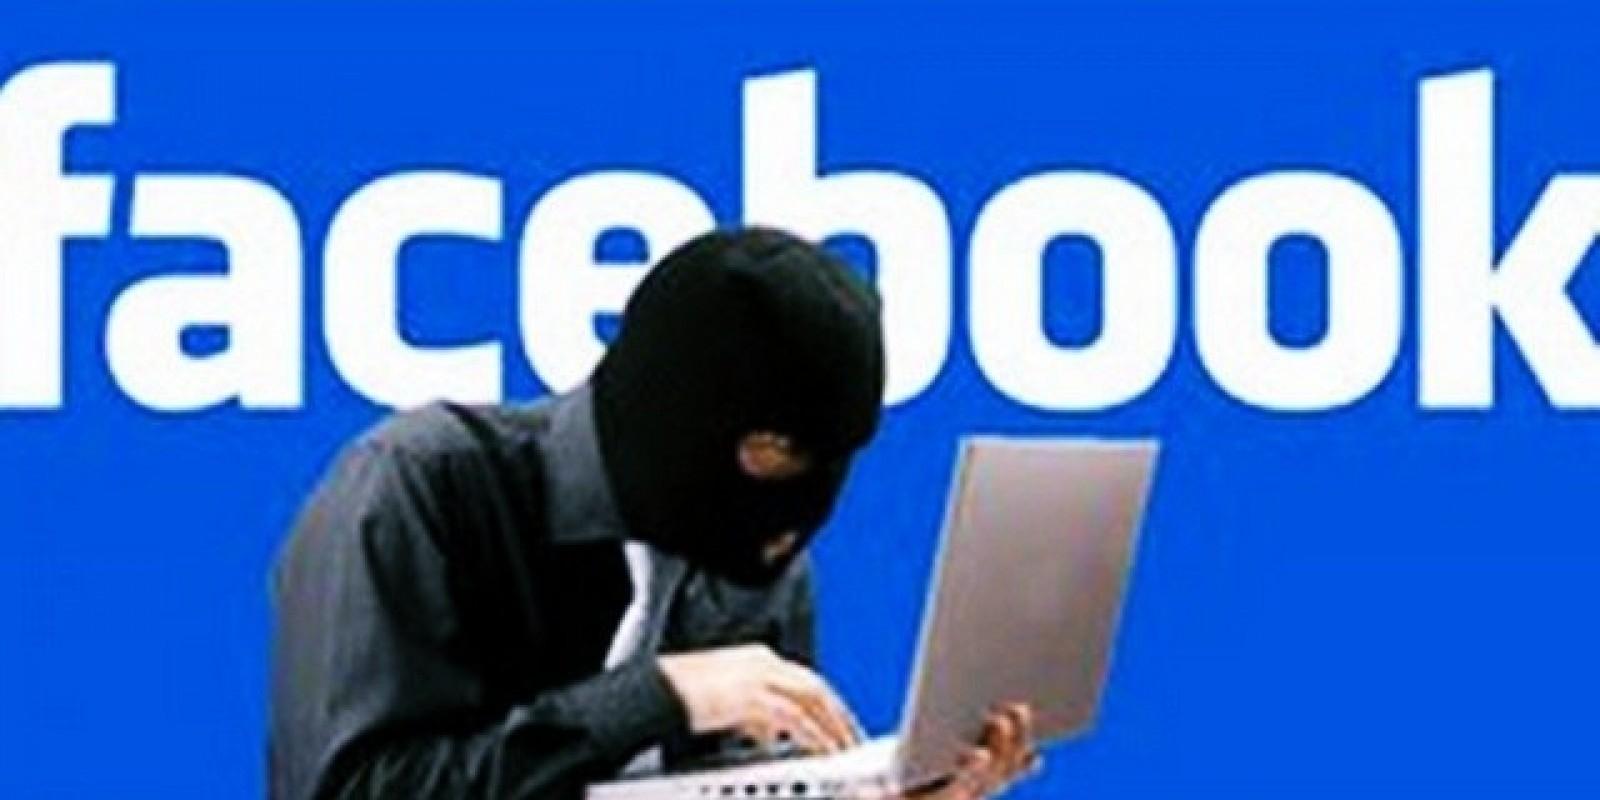 Acusado de golpe em rede social é preso, em Braço do Norte